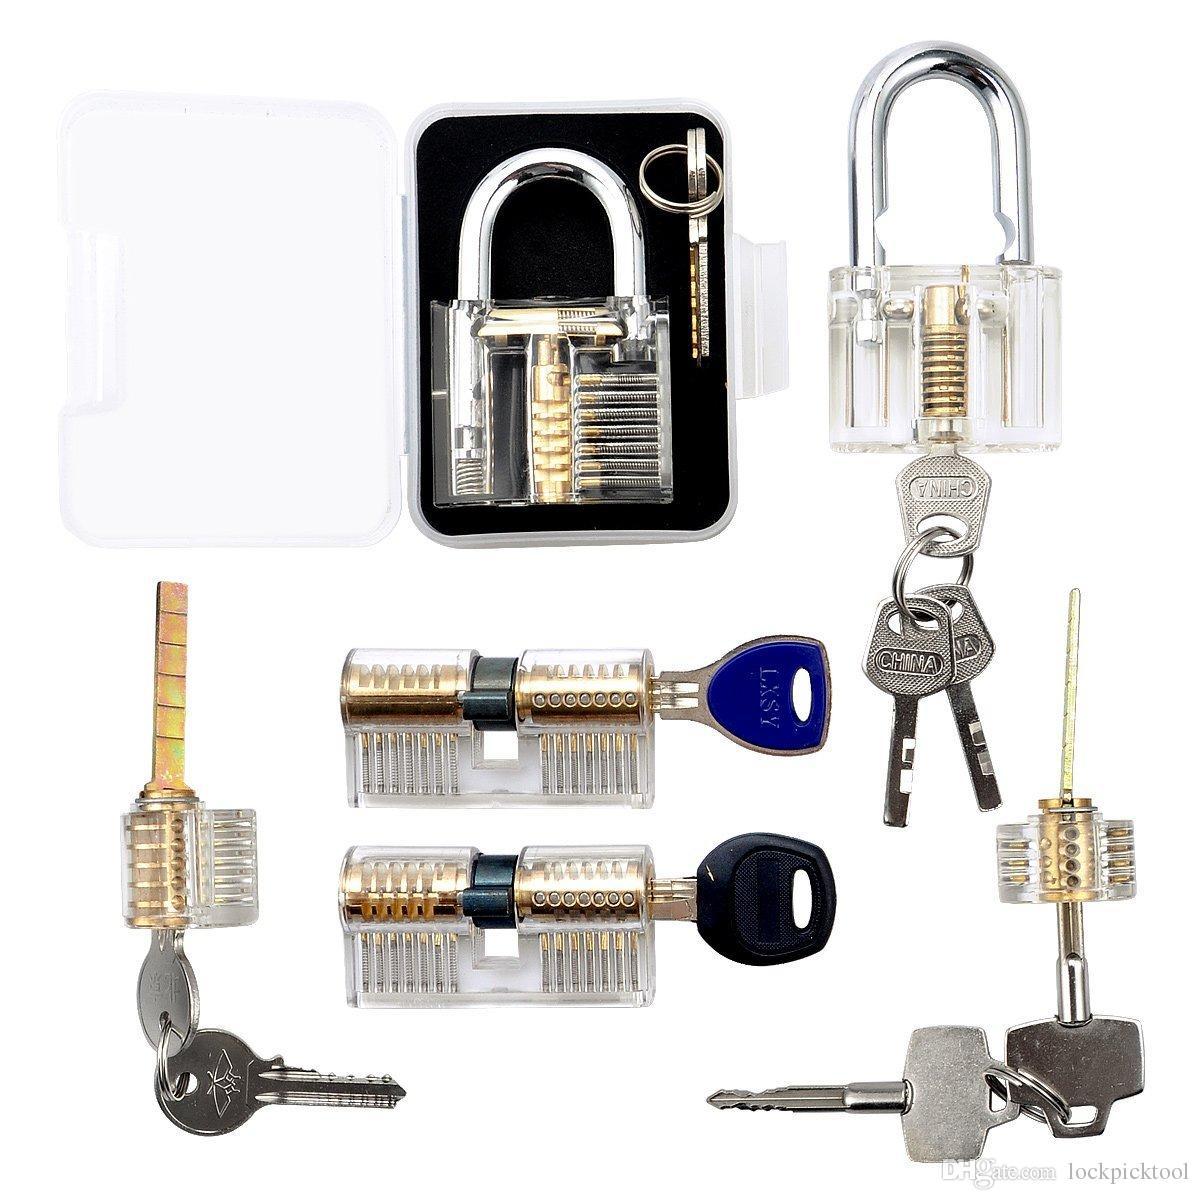 6шт практика блокировки набор слесарь мастерство Trainning отмычку инструмент прозрачный вырез Кристалл контактный стакан с ключом замок для слесаря начинающих